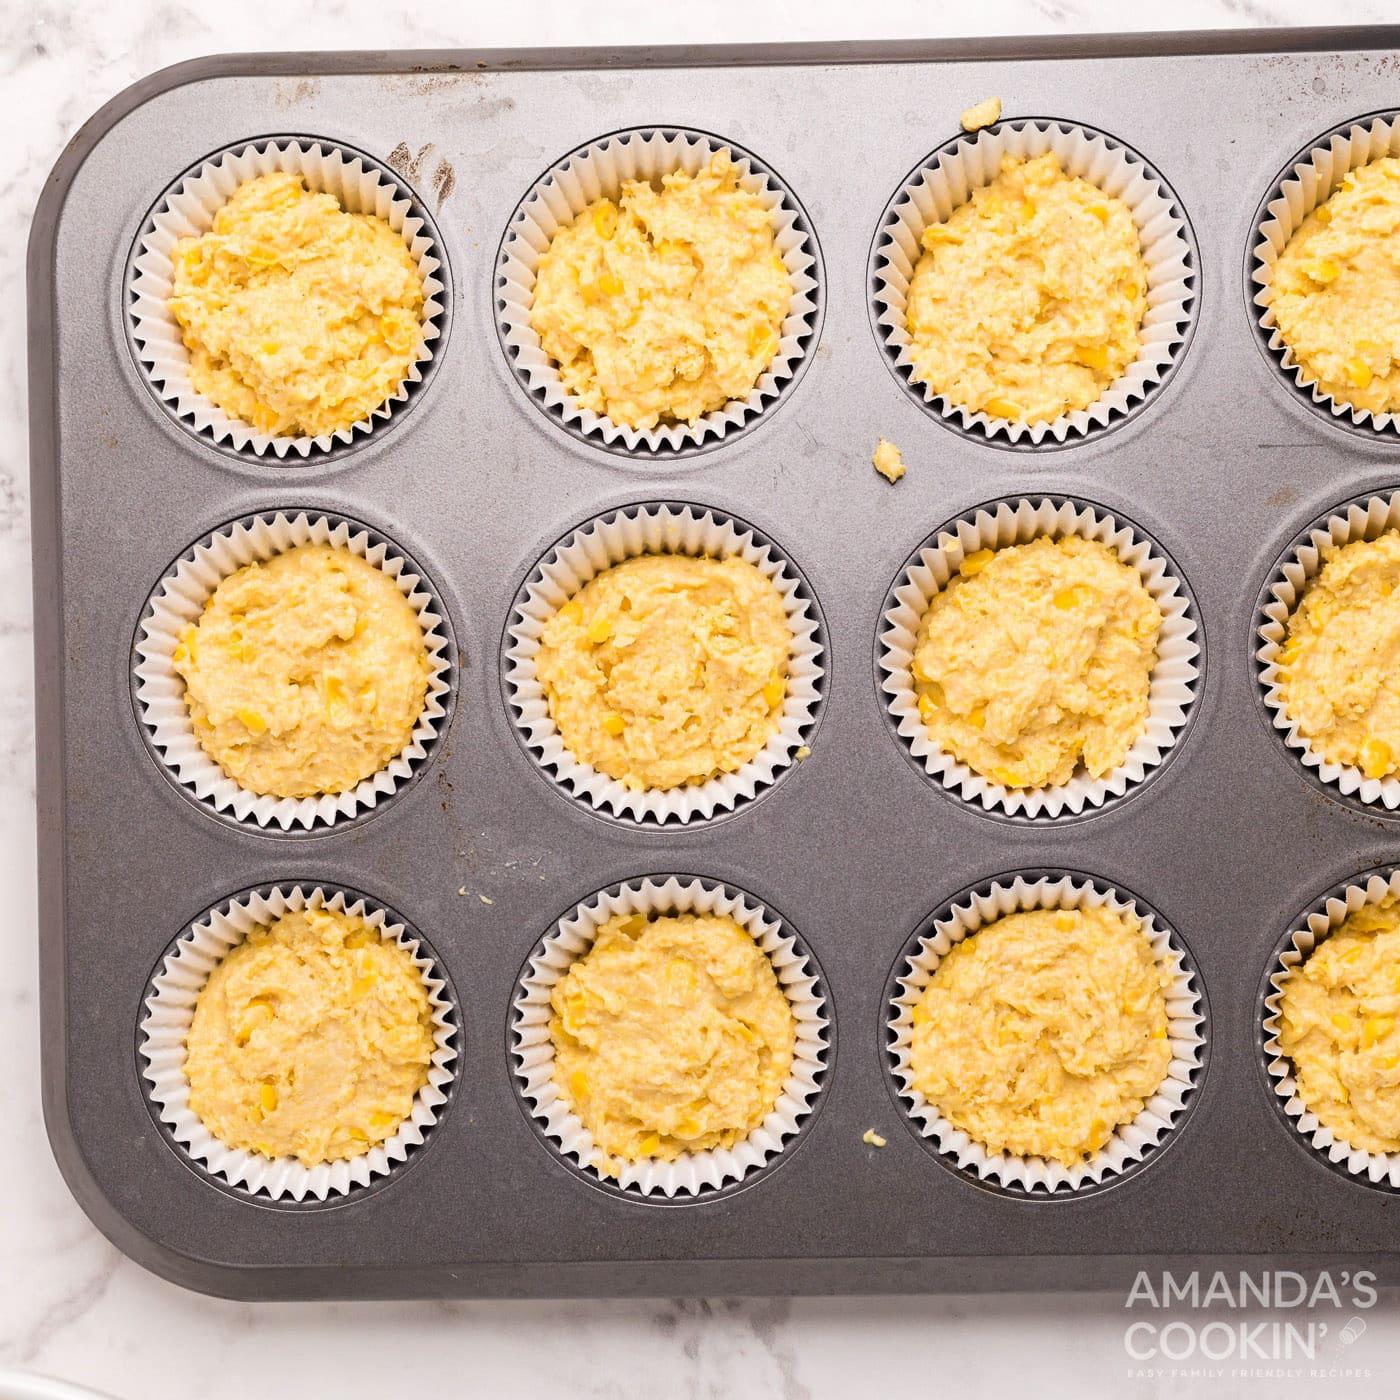 cornbread muffin batter in a pan